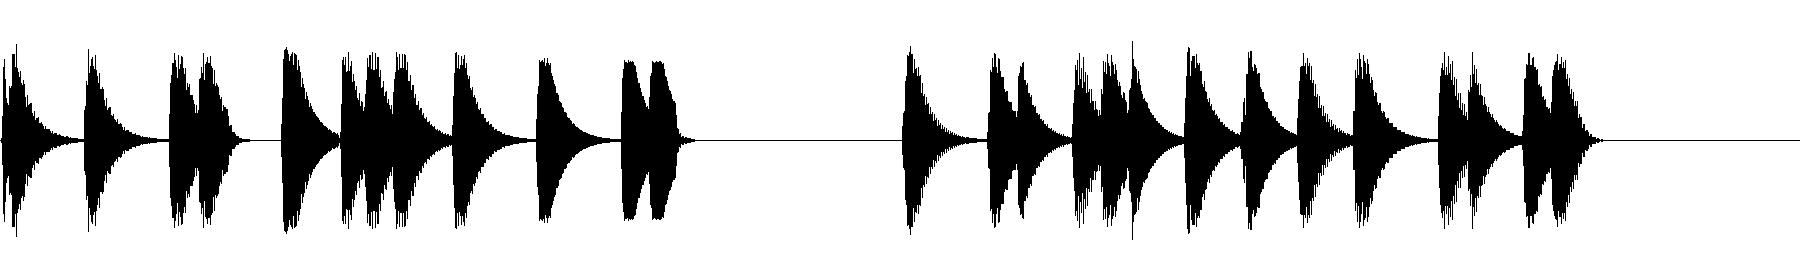 118 c rhythm tl